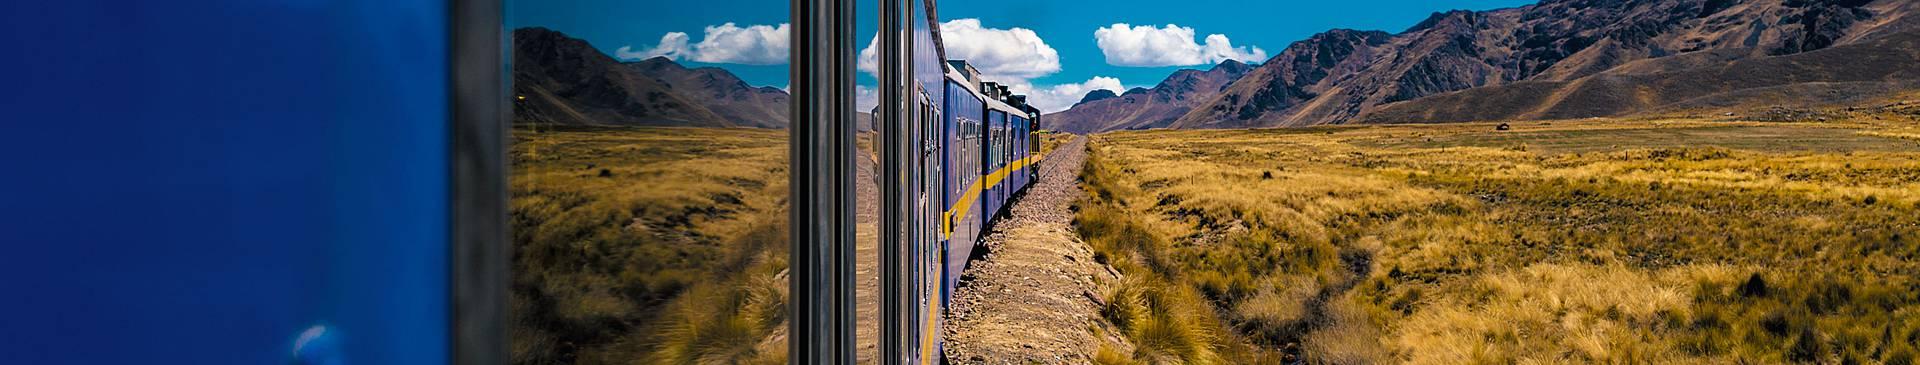 Zwei Wochen nach Peru